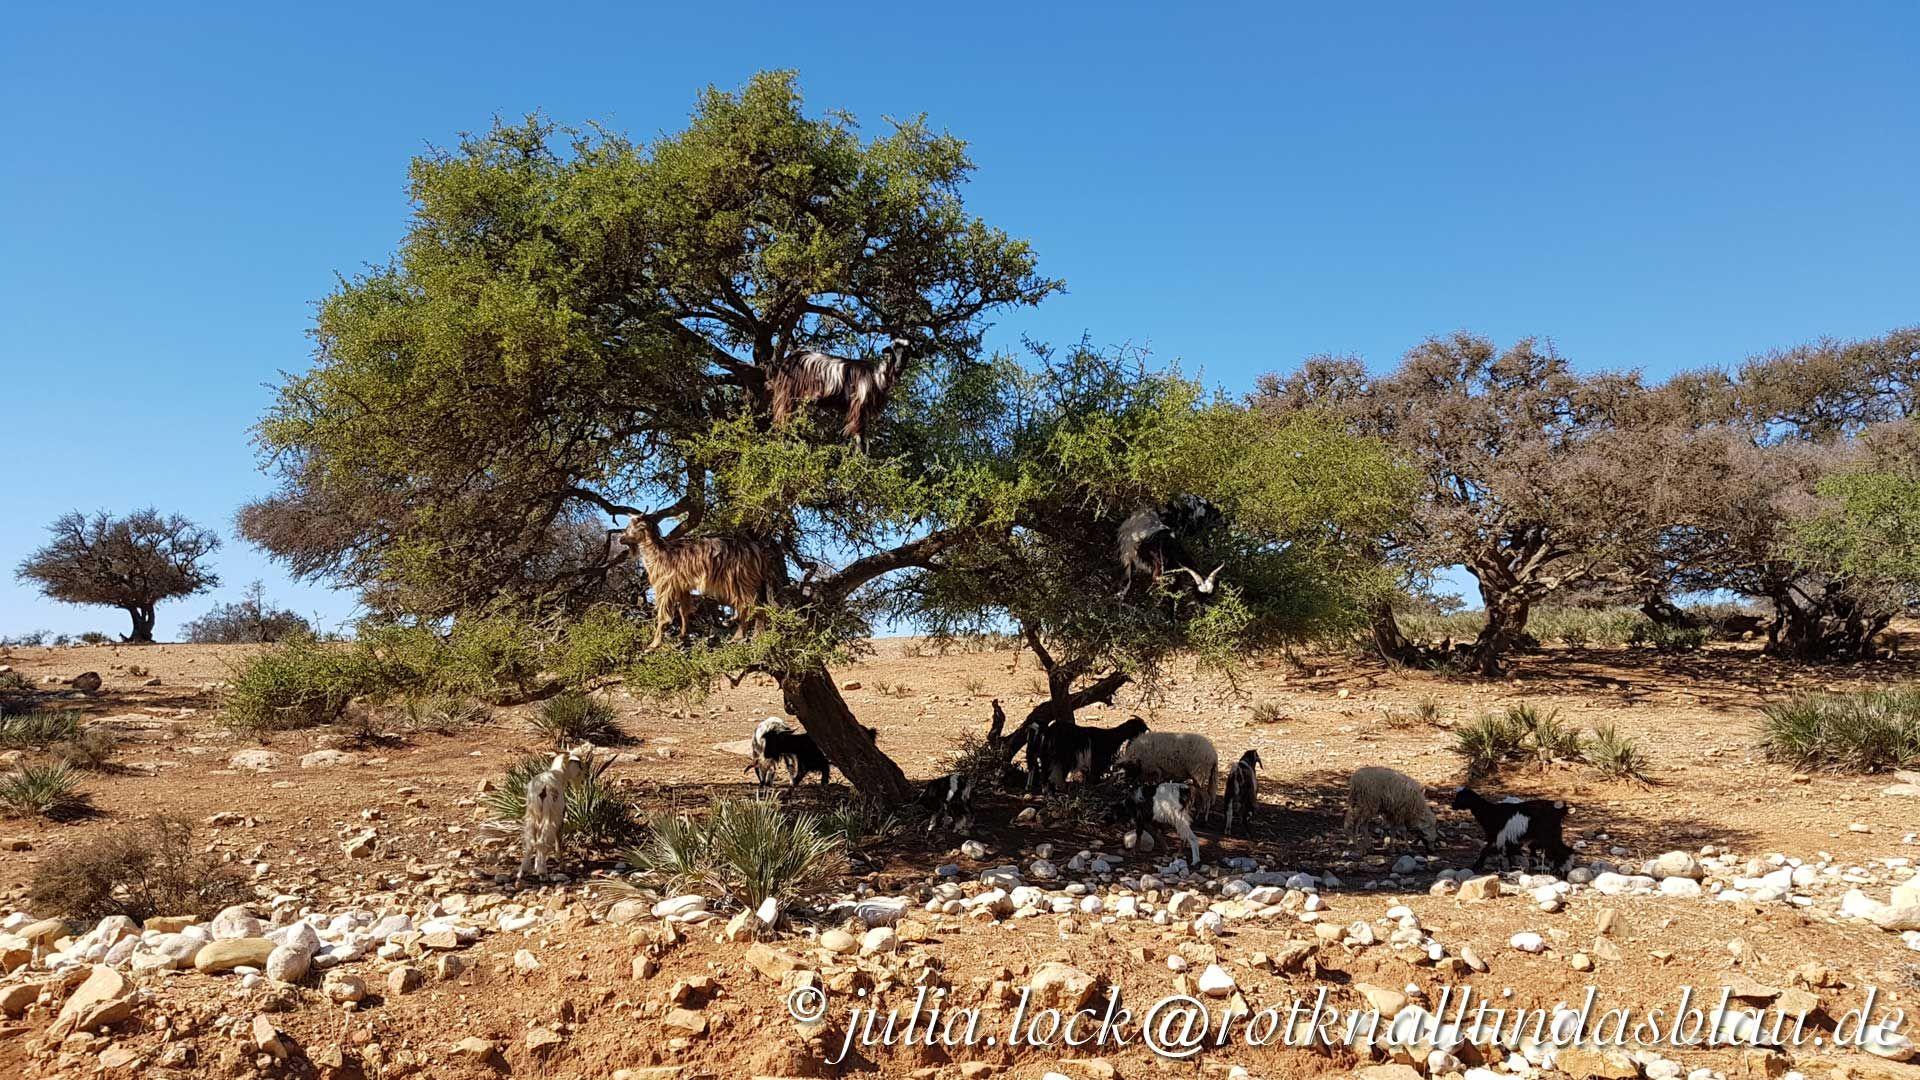 Vom Arganbaum in der Souss-Ebene in Marokko kommt nicht nur für das teuerste Öl der Welt, sondern hier findet auch ein einzigartiges Naturschauspiel statt.